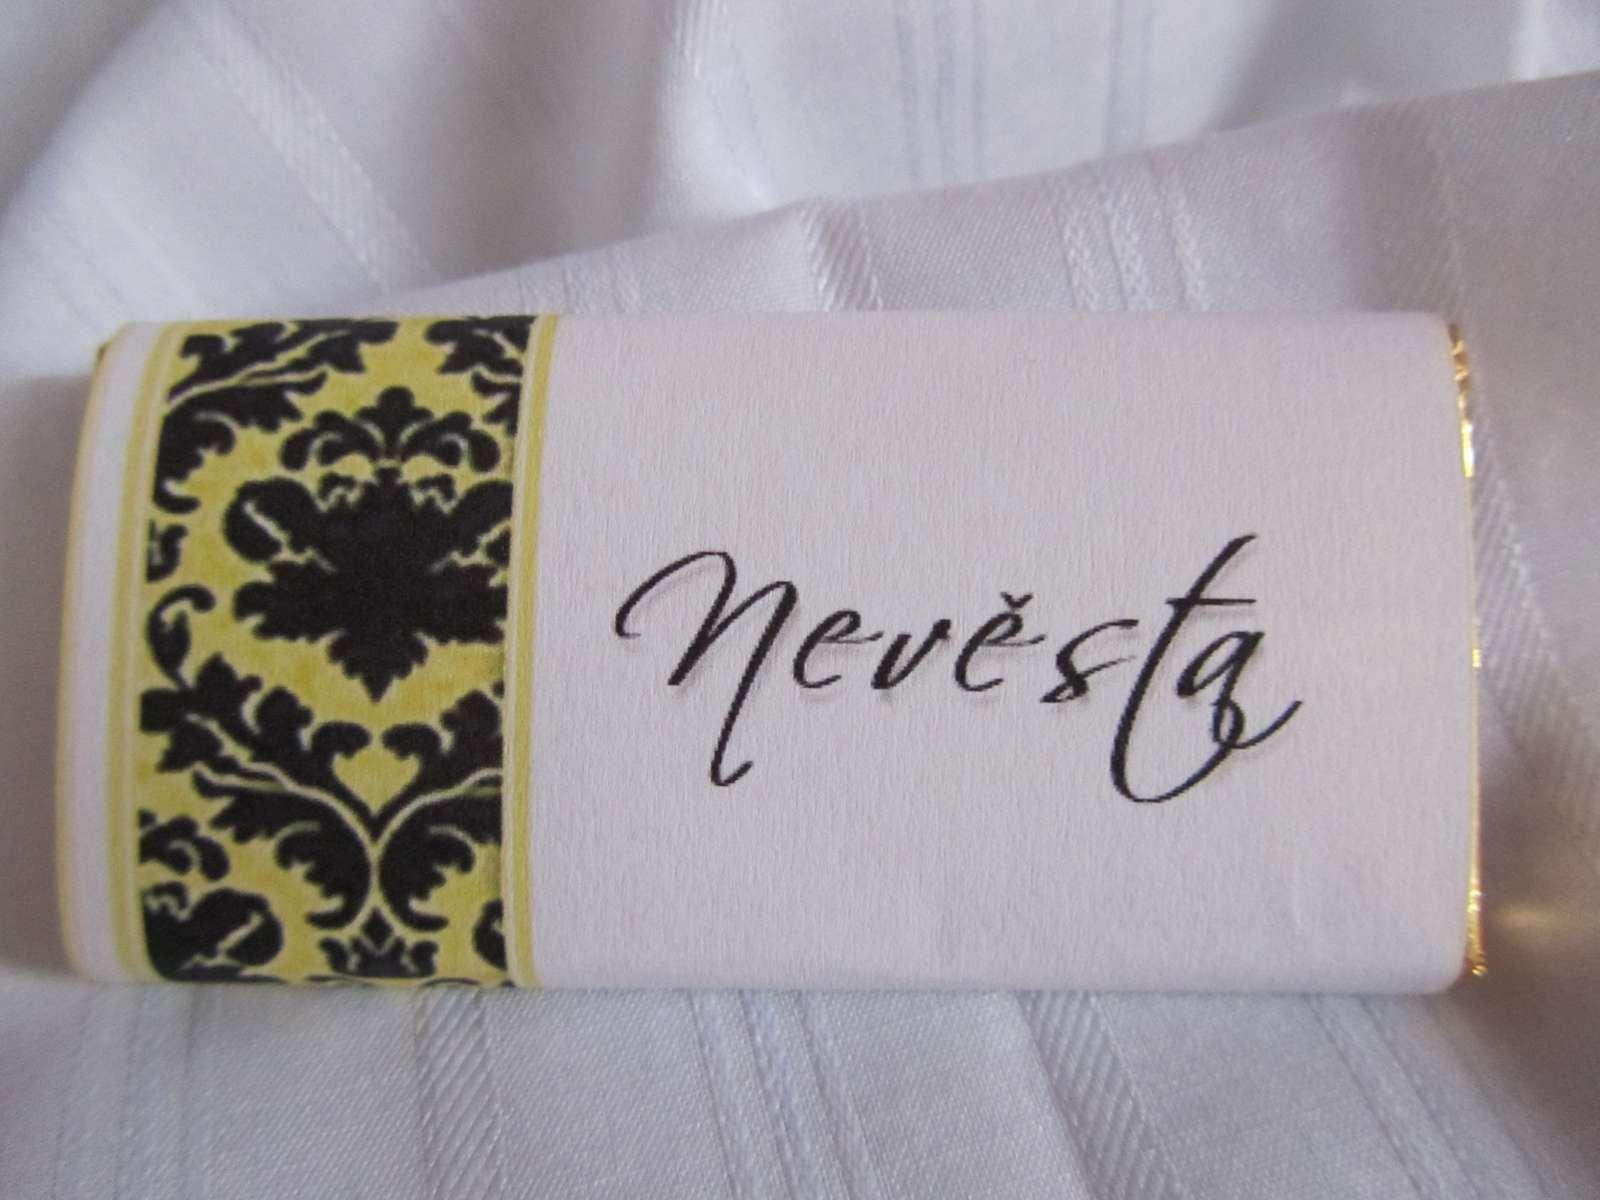 svatební čokoládové jmenovky na svatební stůl - Obrázek č. 1